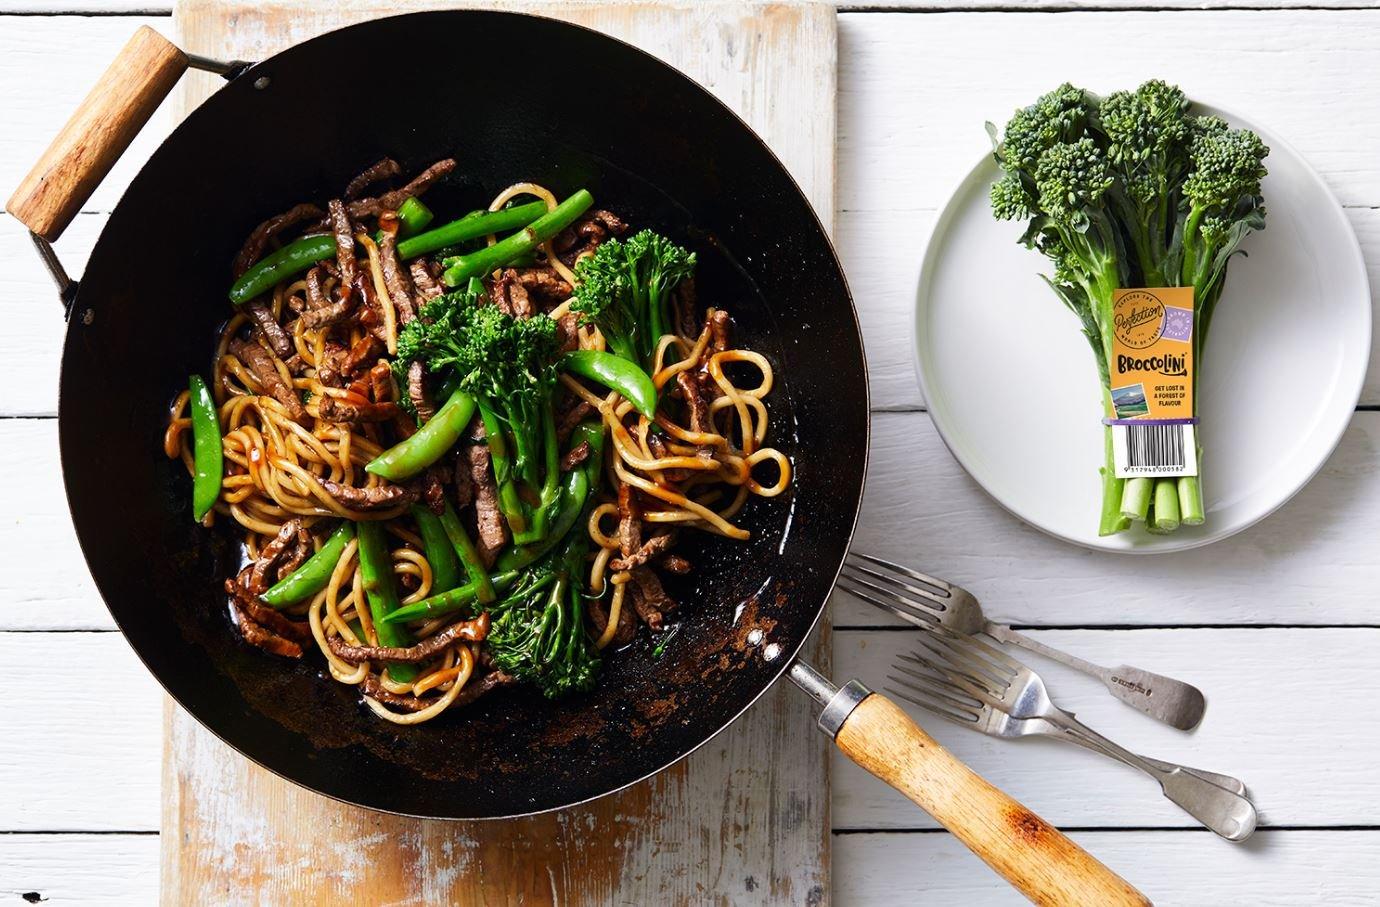 Hokkien broccolini noodles